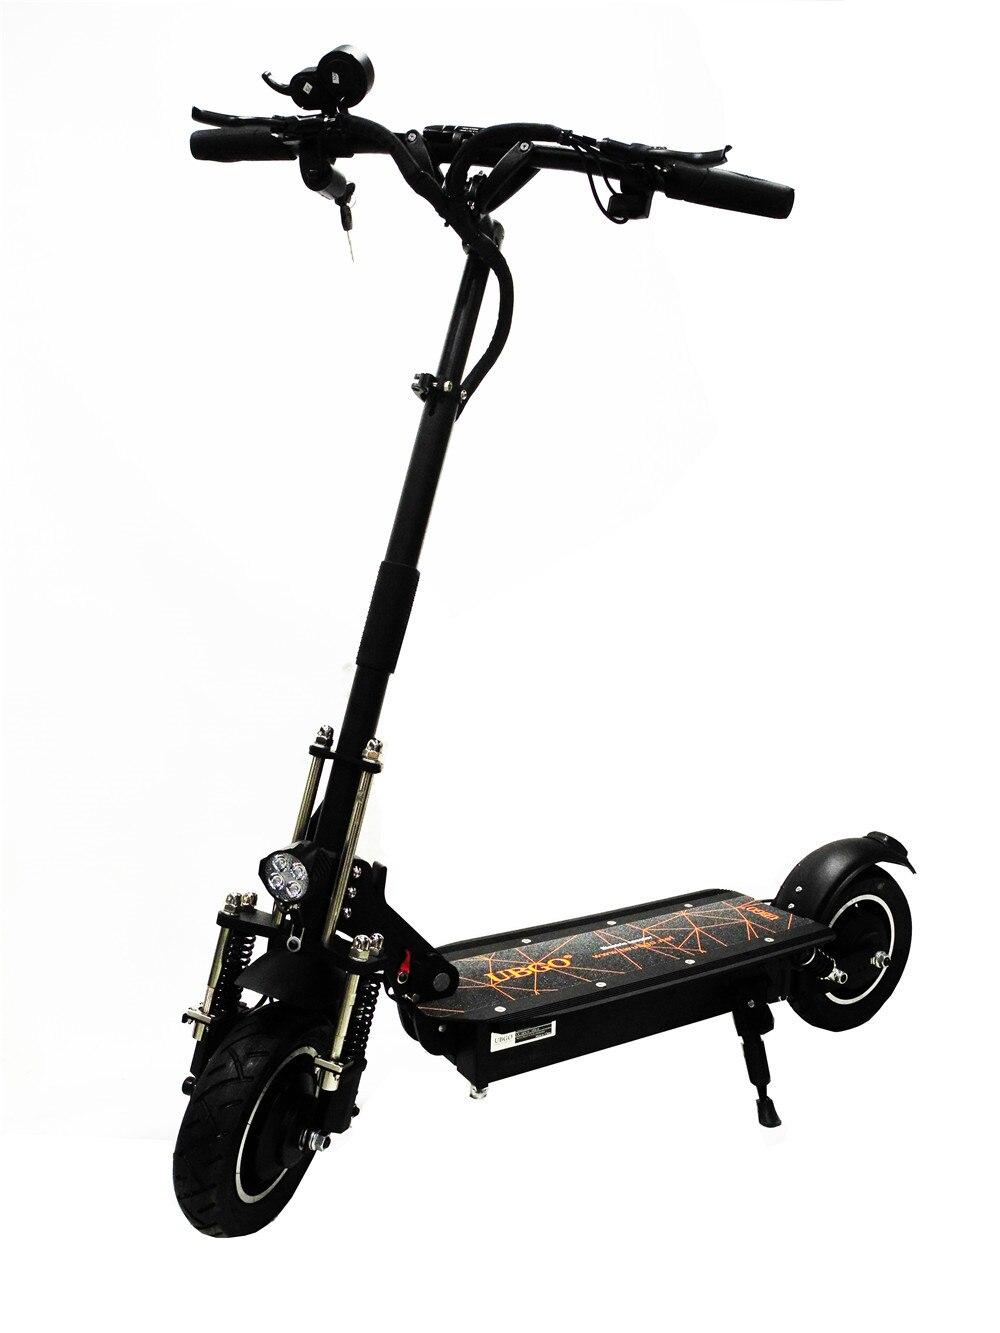 UBGO 1005 60 V/52 V doble unidad sin pausas bar 2000 W potente motor scooter Eléctrico